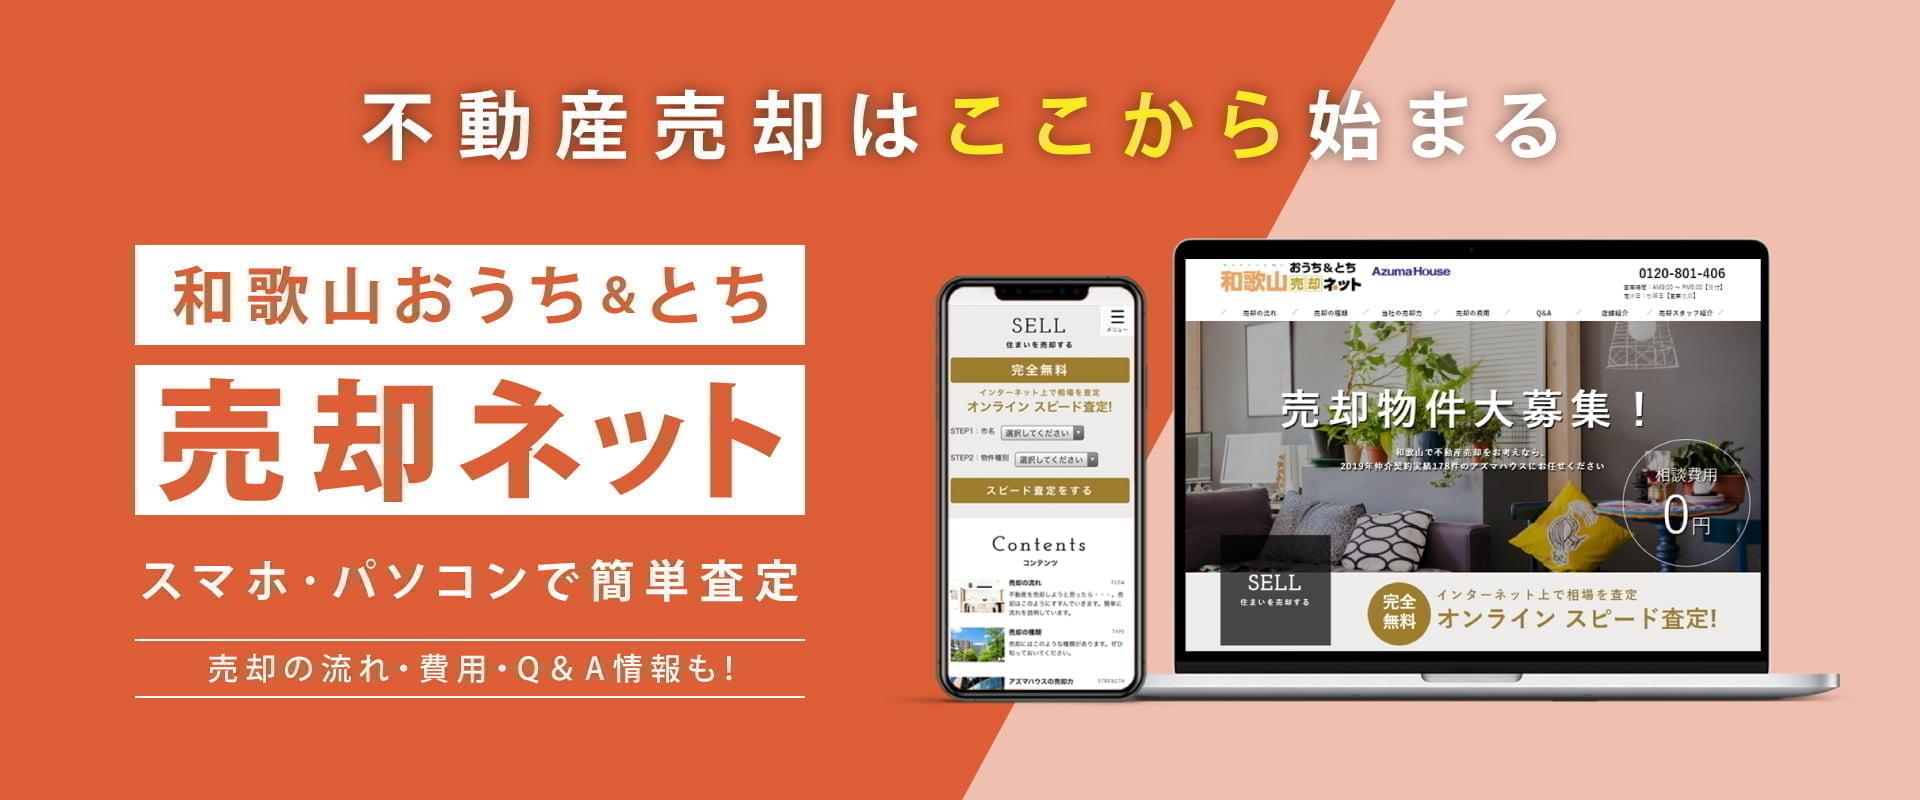 和歌山おうち&とち売却ネット